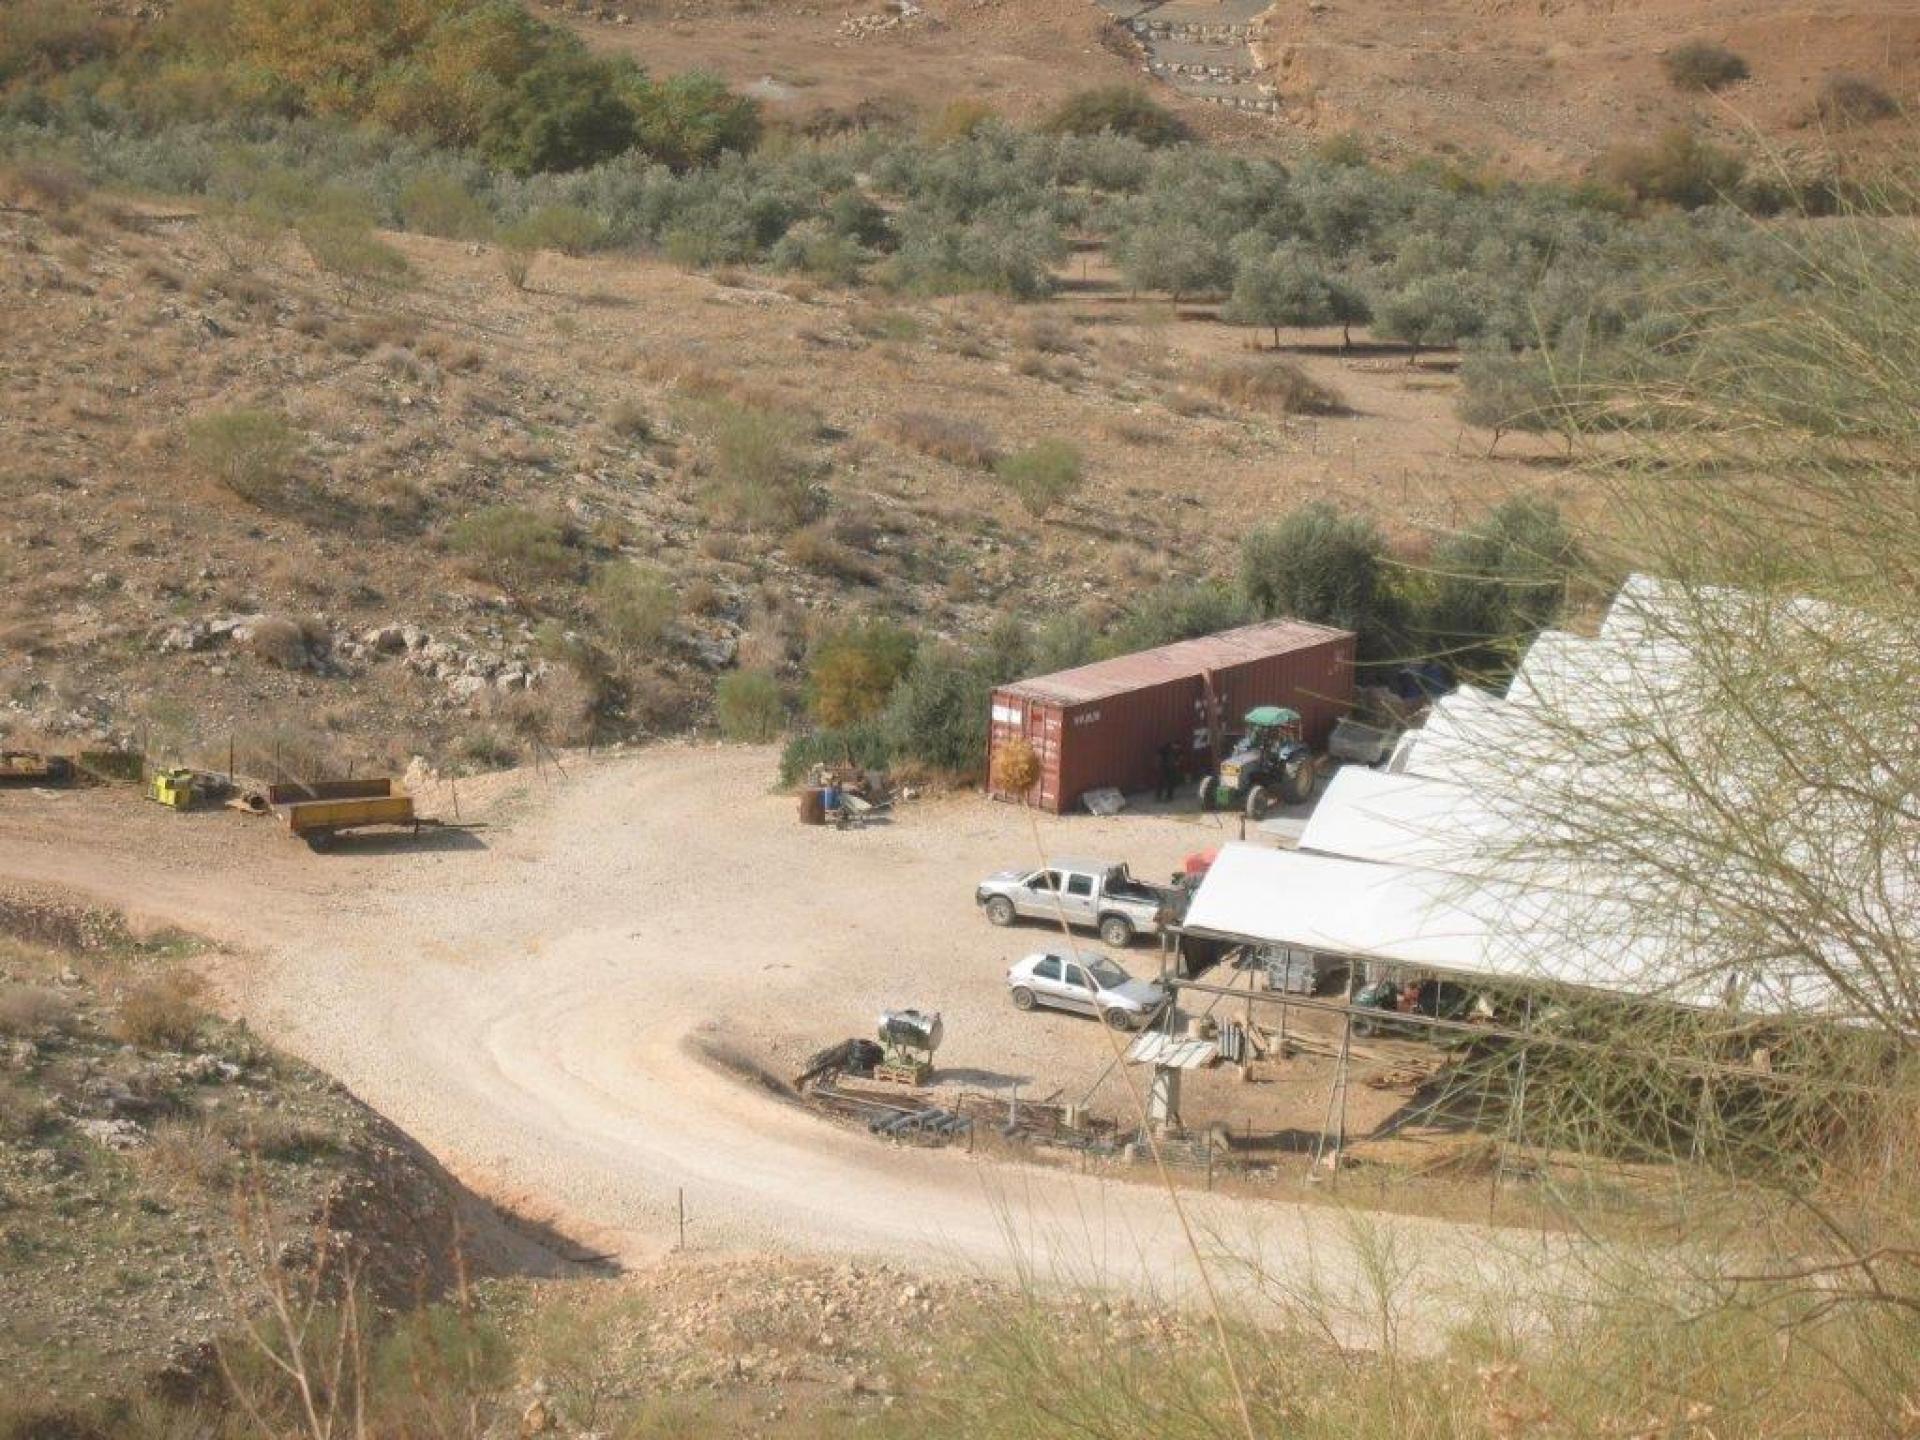 בקעת הירדן: המאחז מדרום לכביש העולה להתנחלות רותם